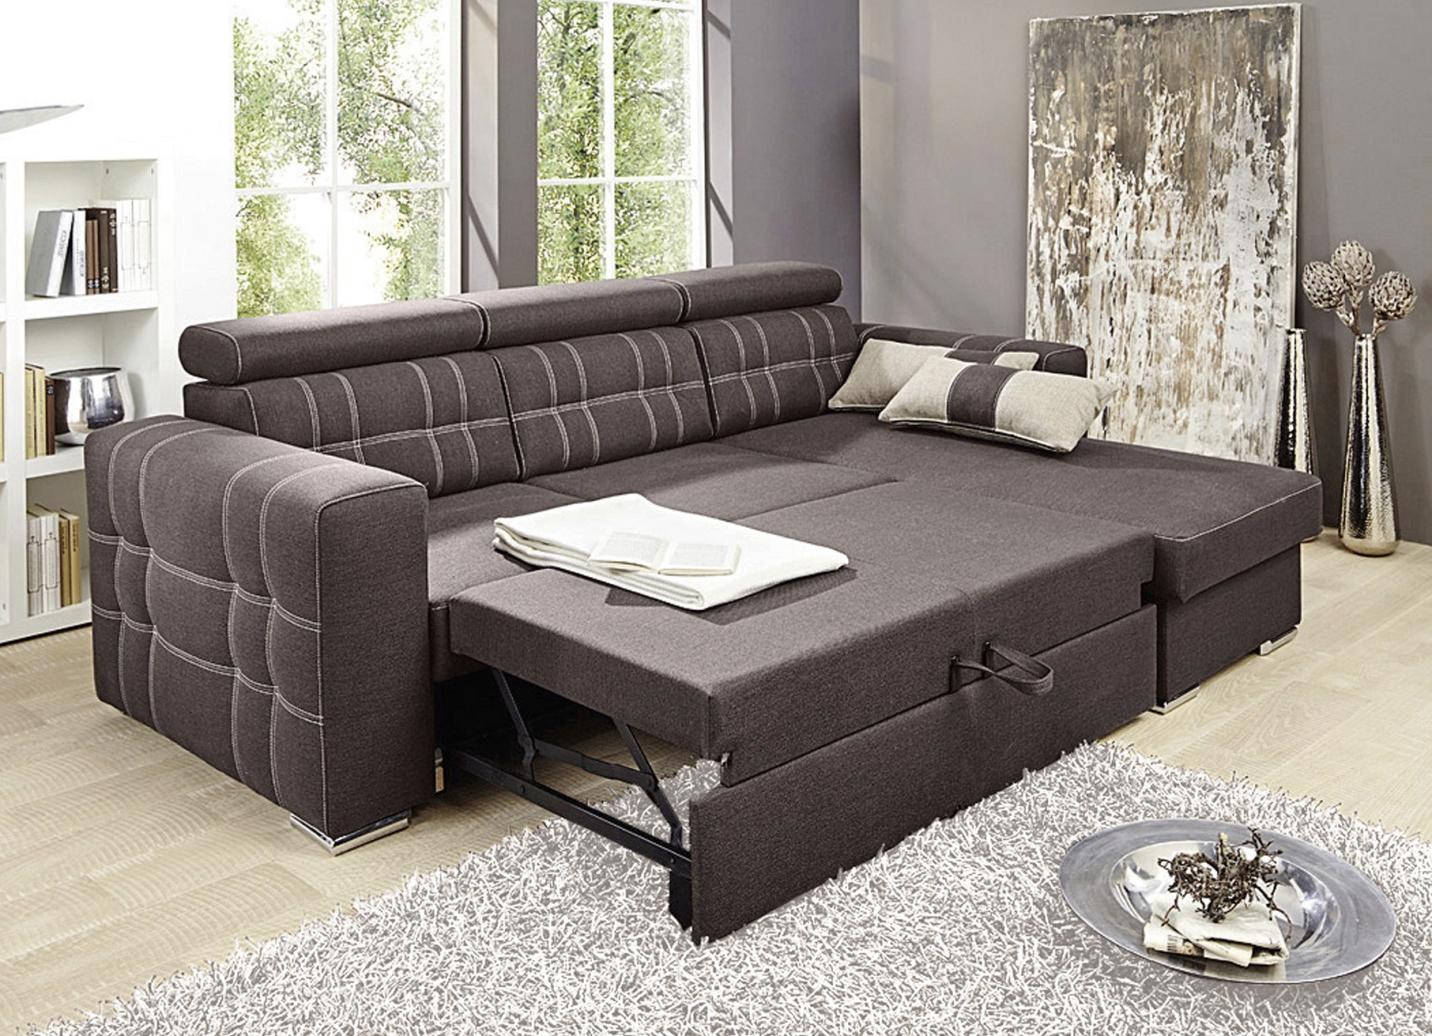 polsterecke mit dekokissen in verschiedenen farben polsterm bel bader. Black Bedroom Furniture Sets. Home Design Ideas